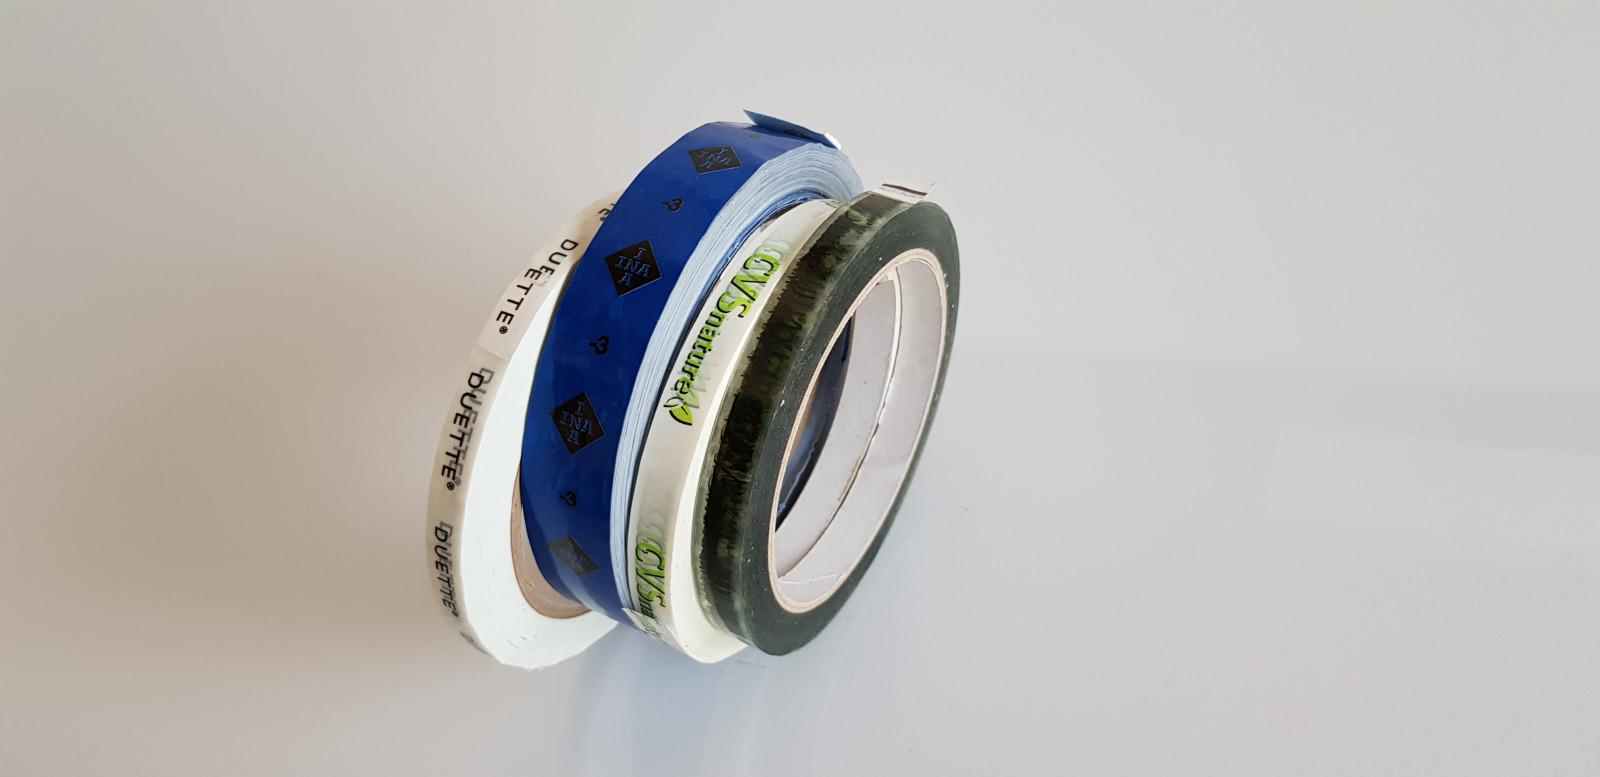 Samolepicí pásky s potiskem - Steroll s.r.o. Zlín